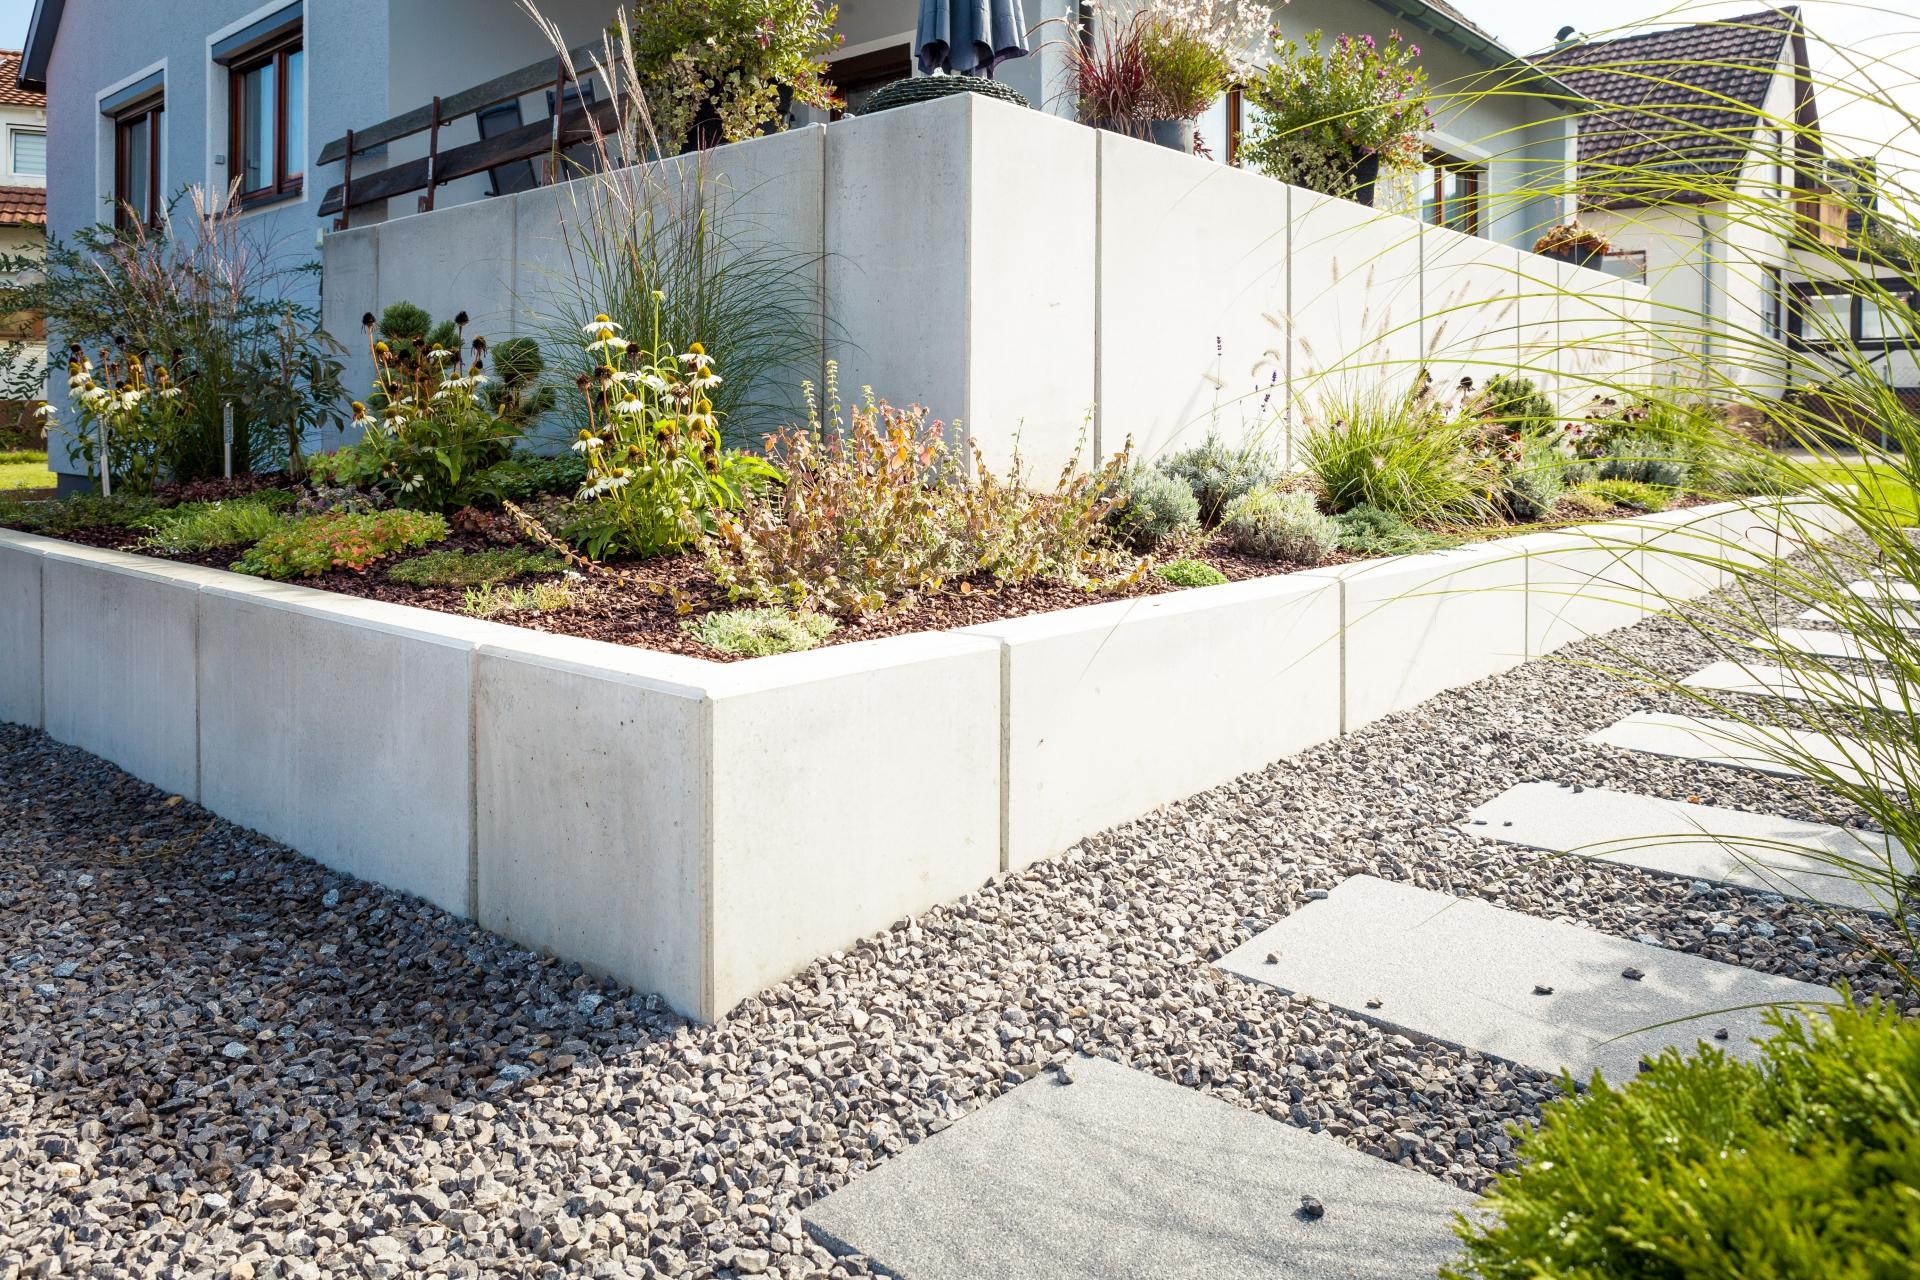 Amüsant Gartengestaltung Vorgarten Referenz Von Nachher: Ein Strukturierter